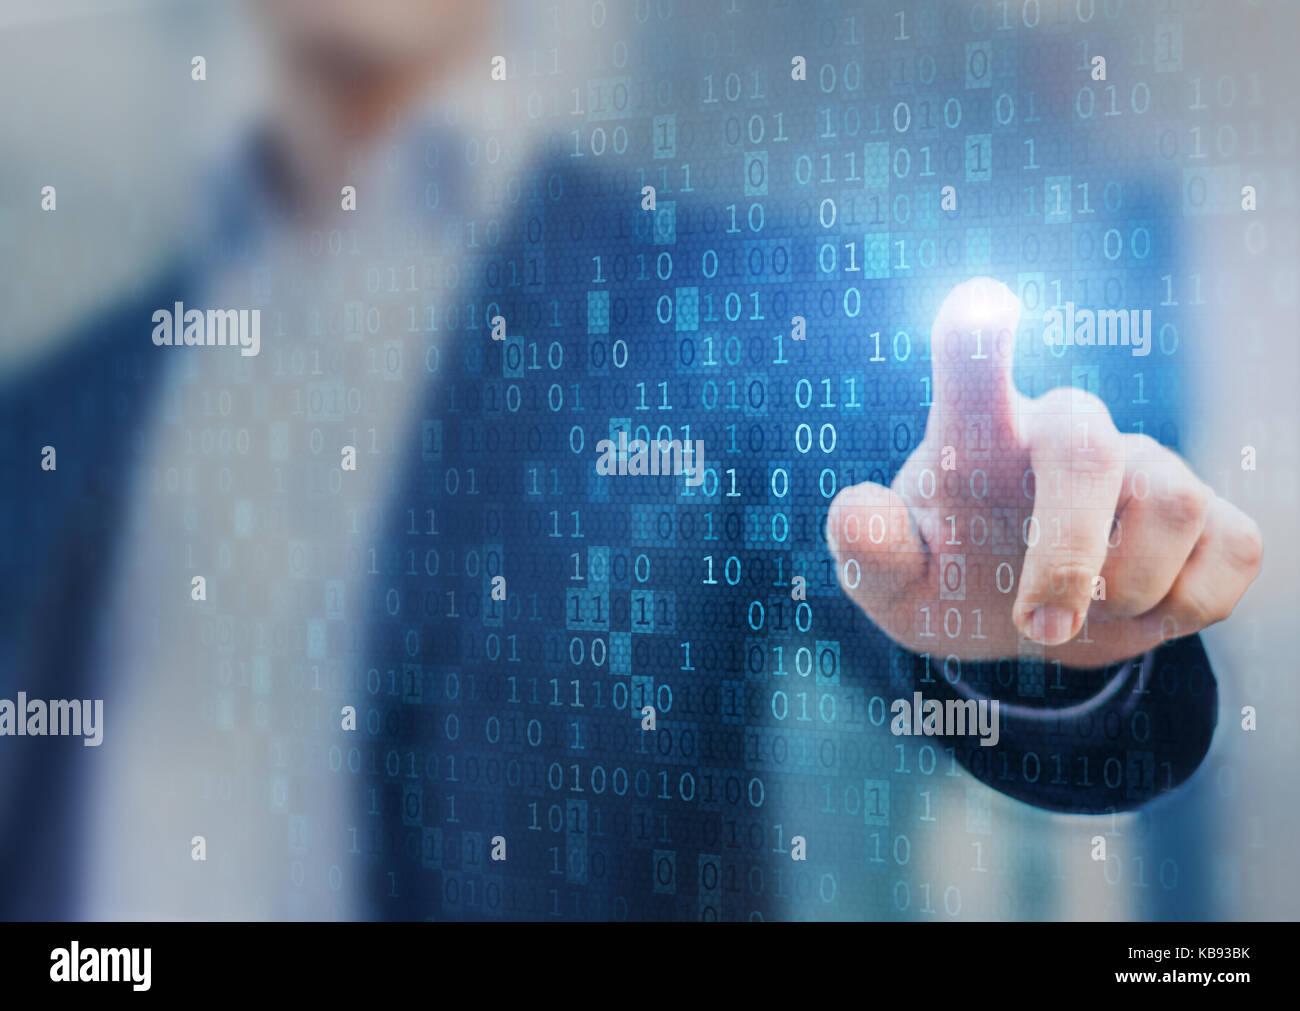 Große Daten, Statistiken und Business Analytics Konzept mit Fluß oder Strom der binäre Code Informationen Stockbild